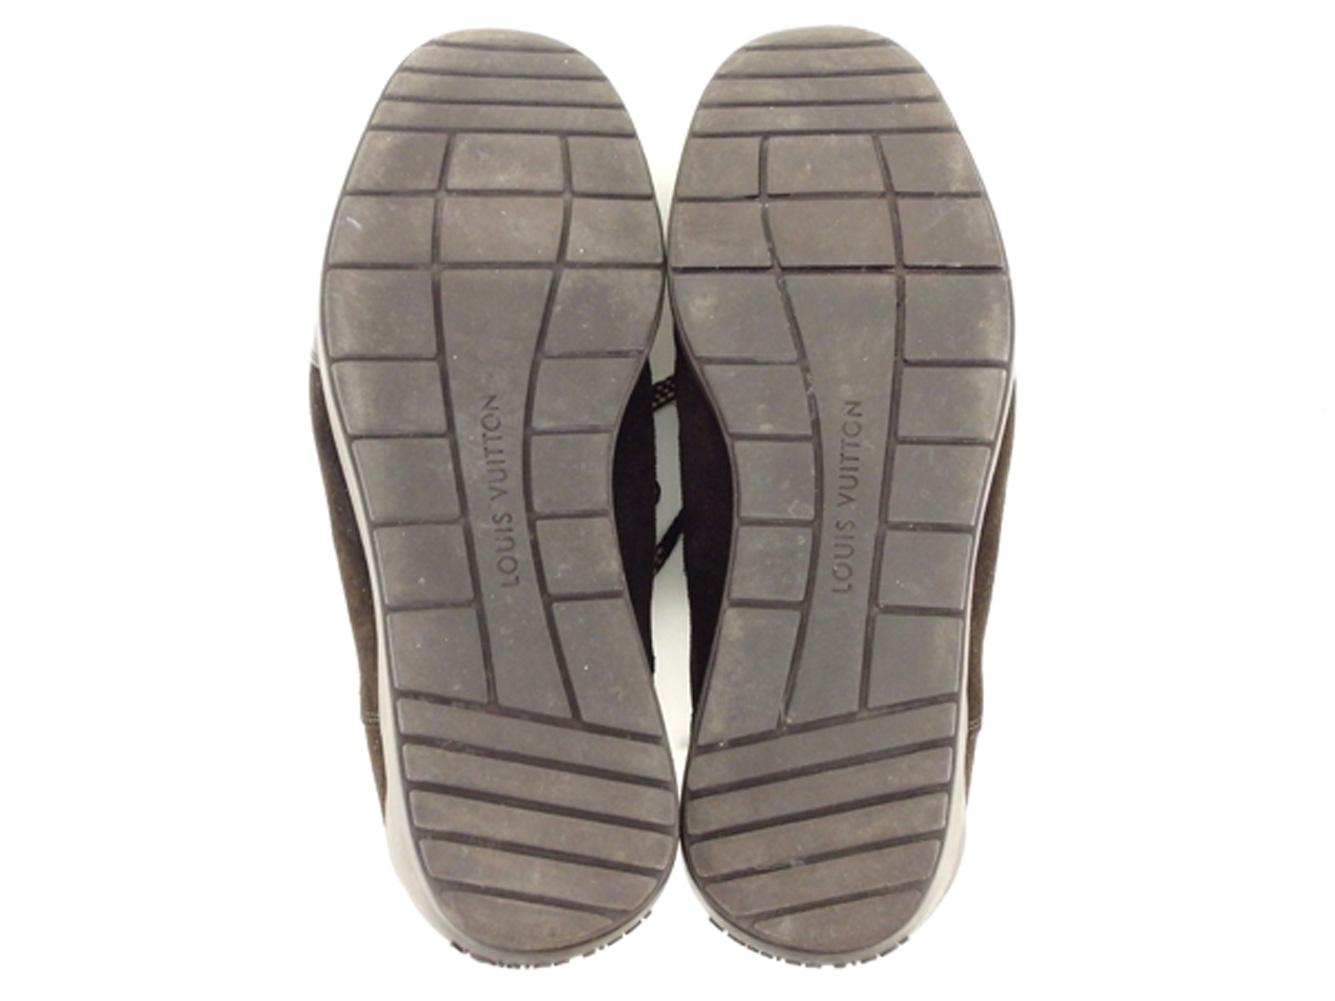 ファッションセール10 オフルイ ヴィトン Louis Vuitton スニーカー シューズ 靴 メンズ ♯6 ローカット ブラウン ベージュ スエード×レザー×キャンバス T8669F1TlJ3Kc